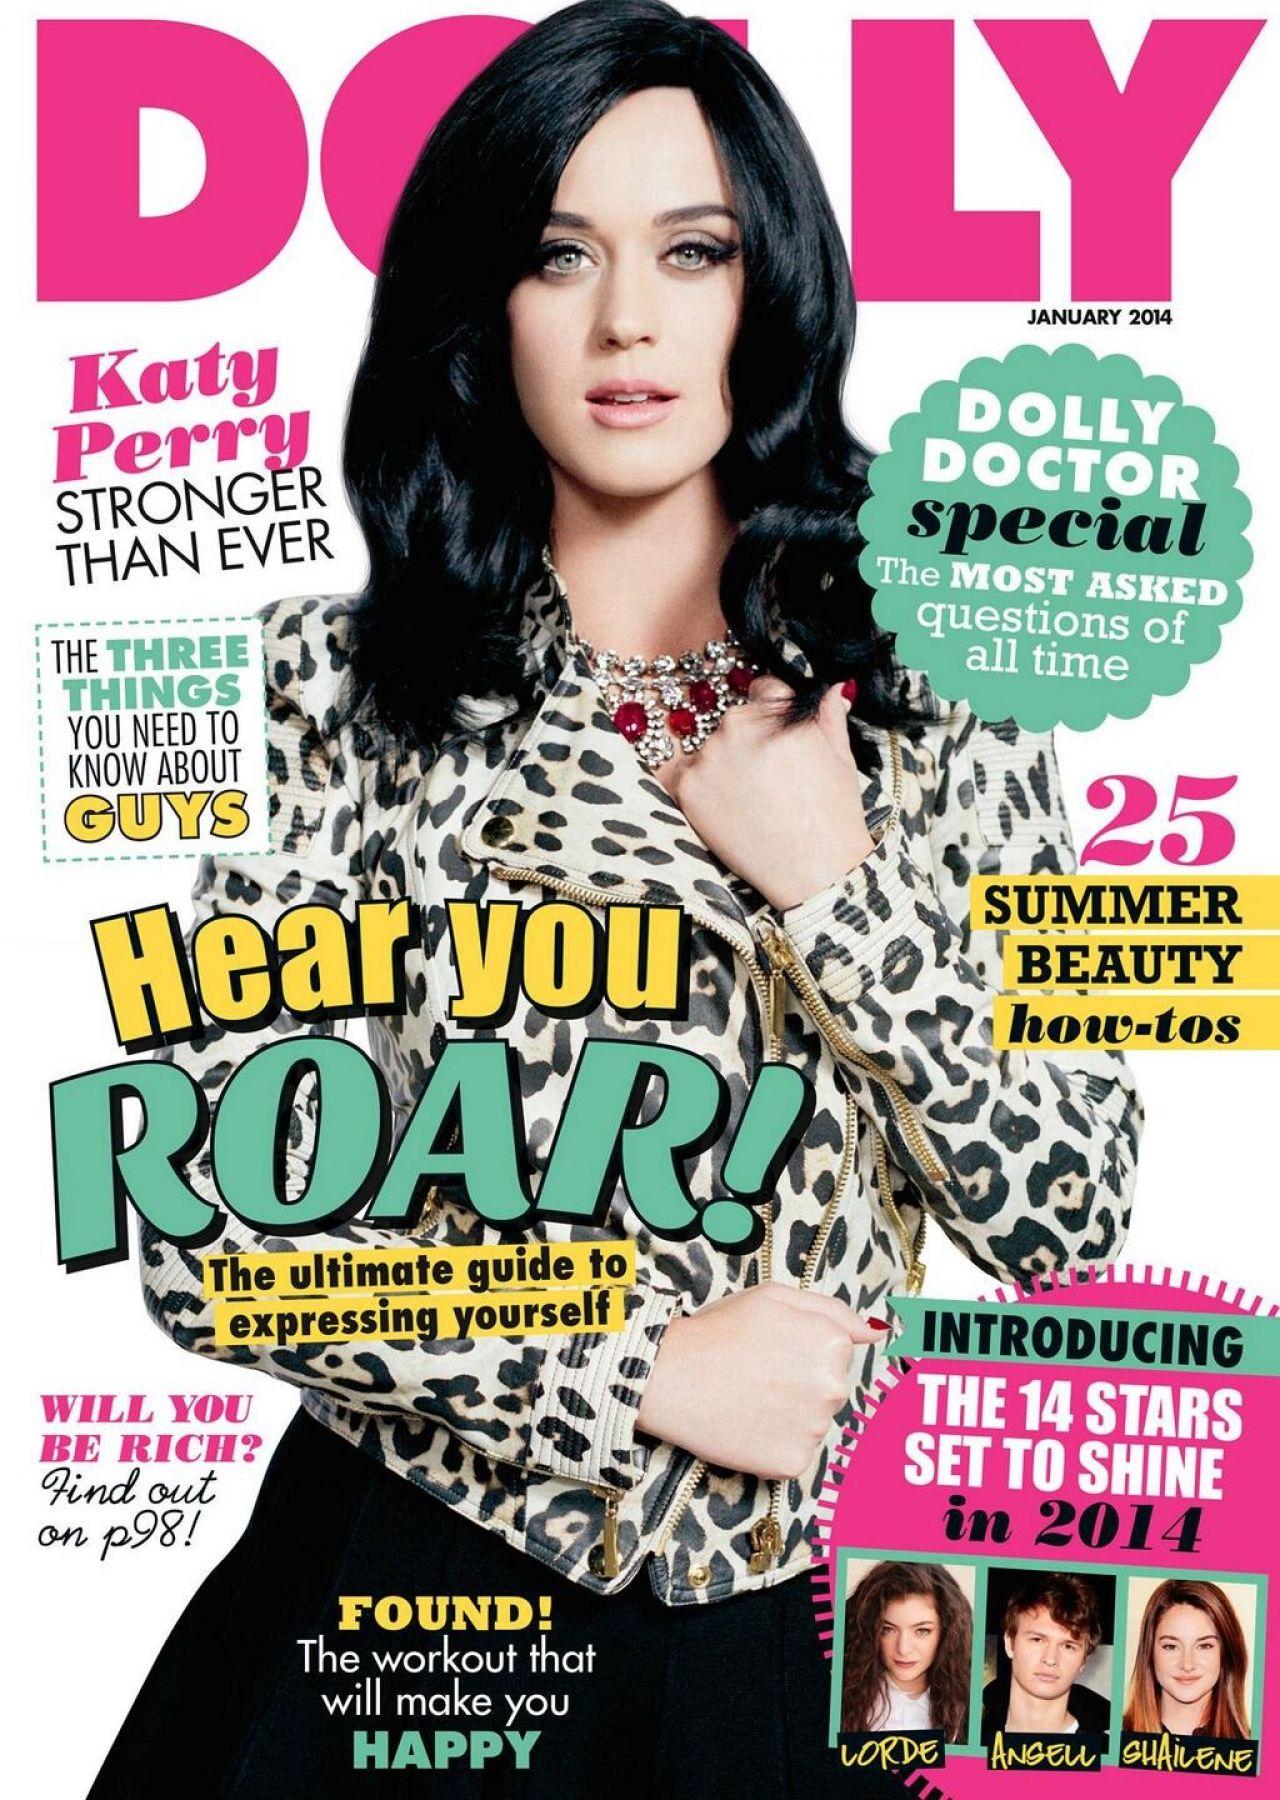 Katy Perry - DOLLY Magazine (Australia) - January 2014 Issue